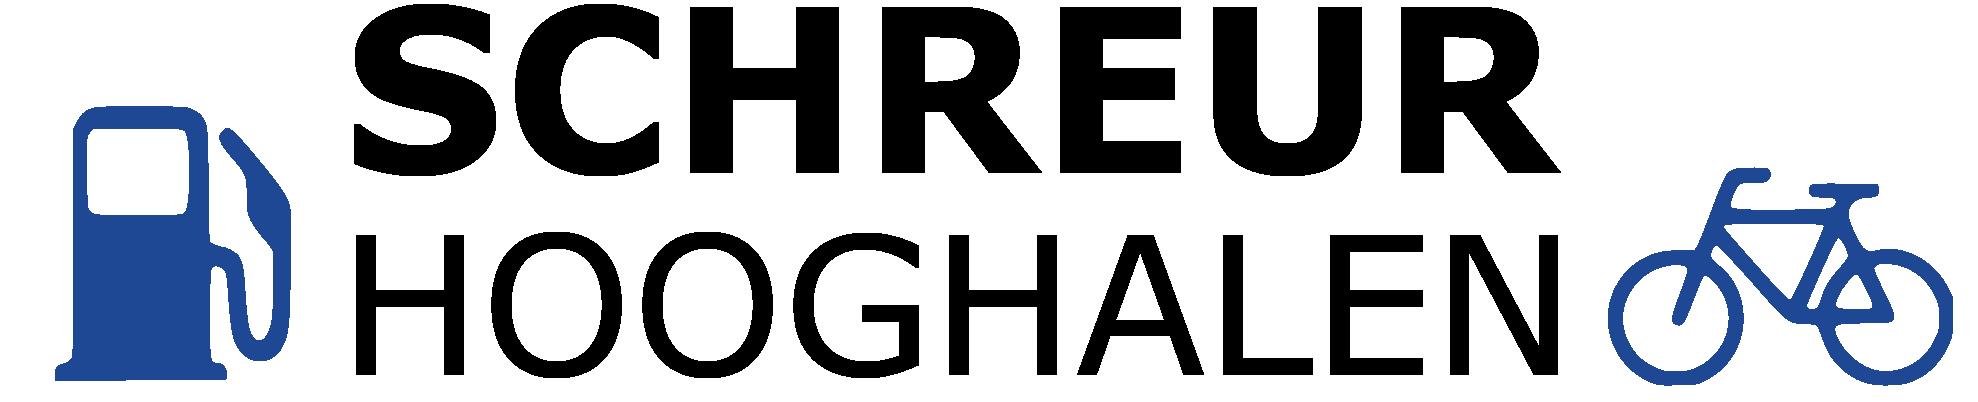 Schreur Hooghalen